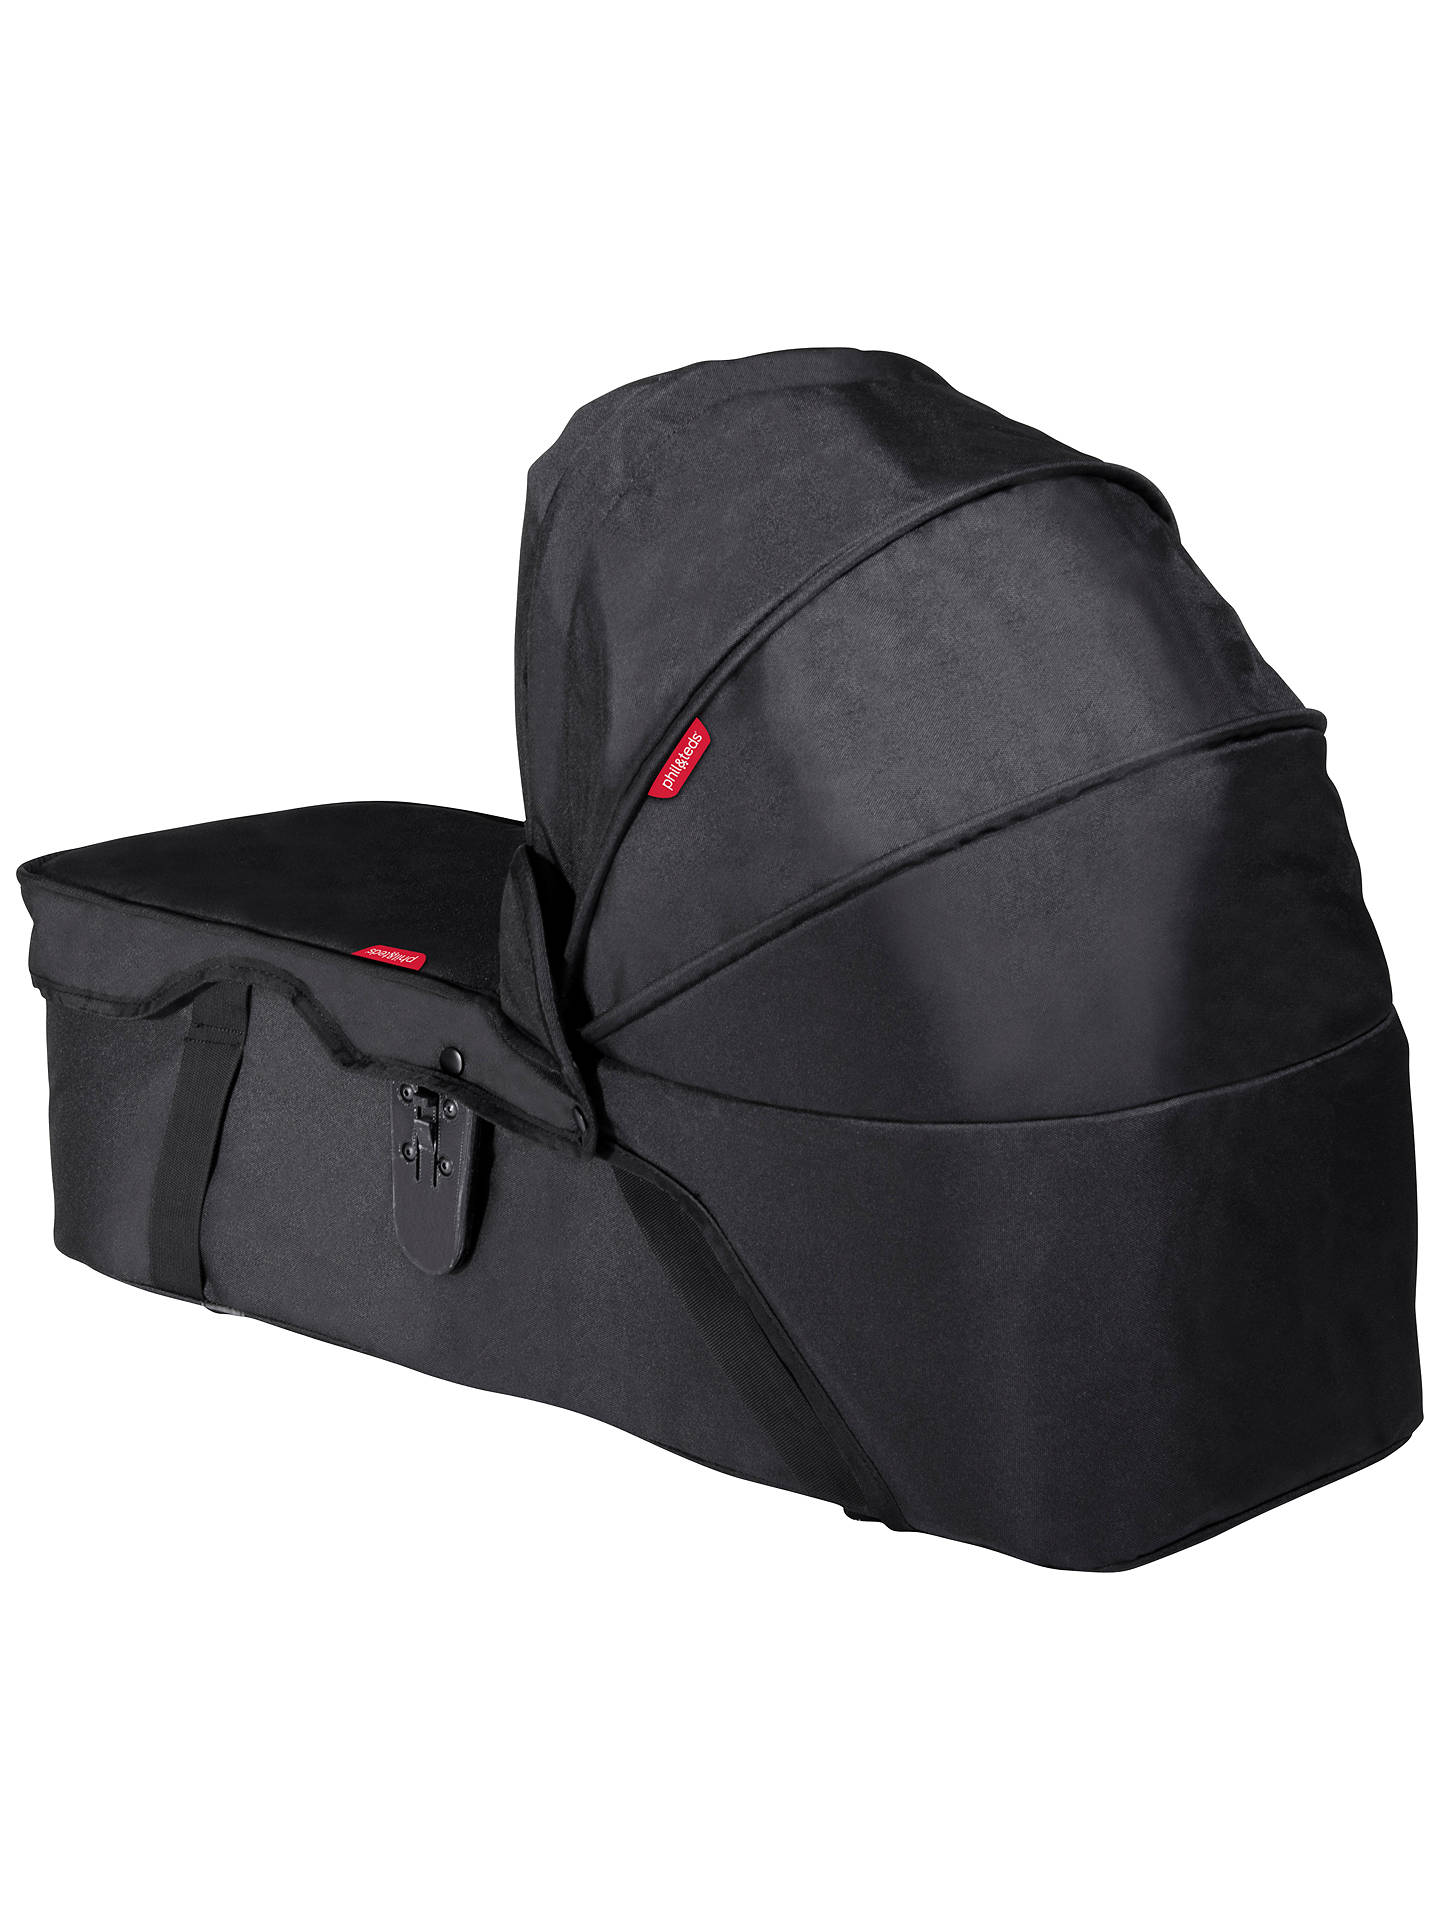 0da078e4794 Buy phil teds Dot Sport Snug Carrycot